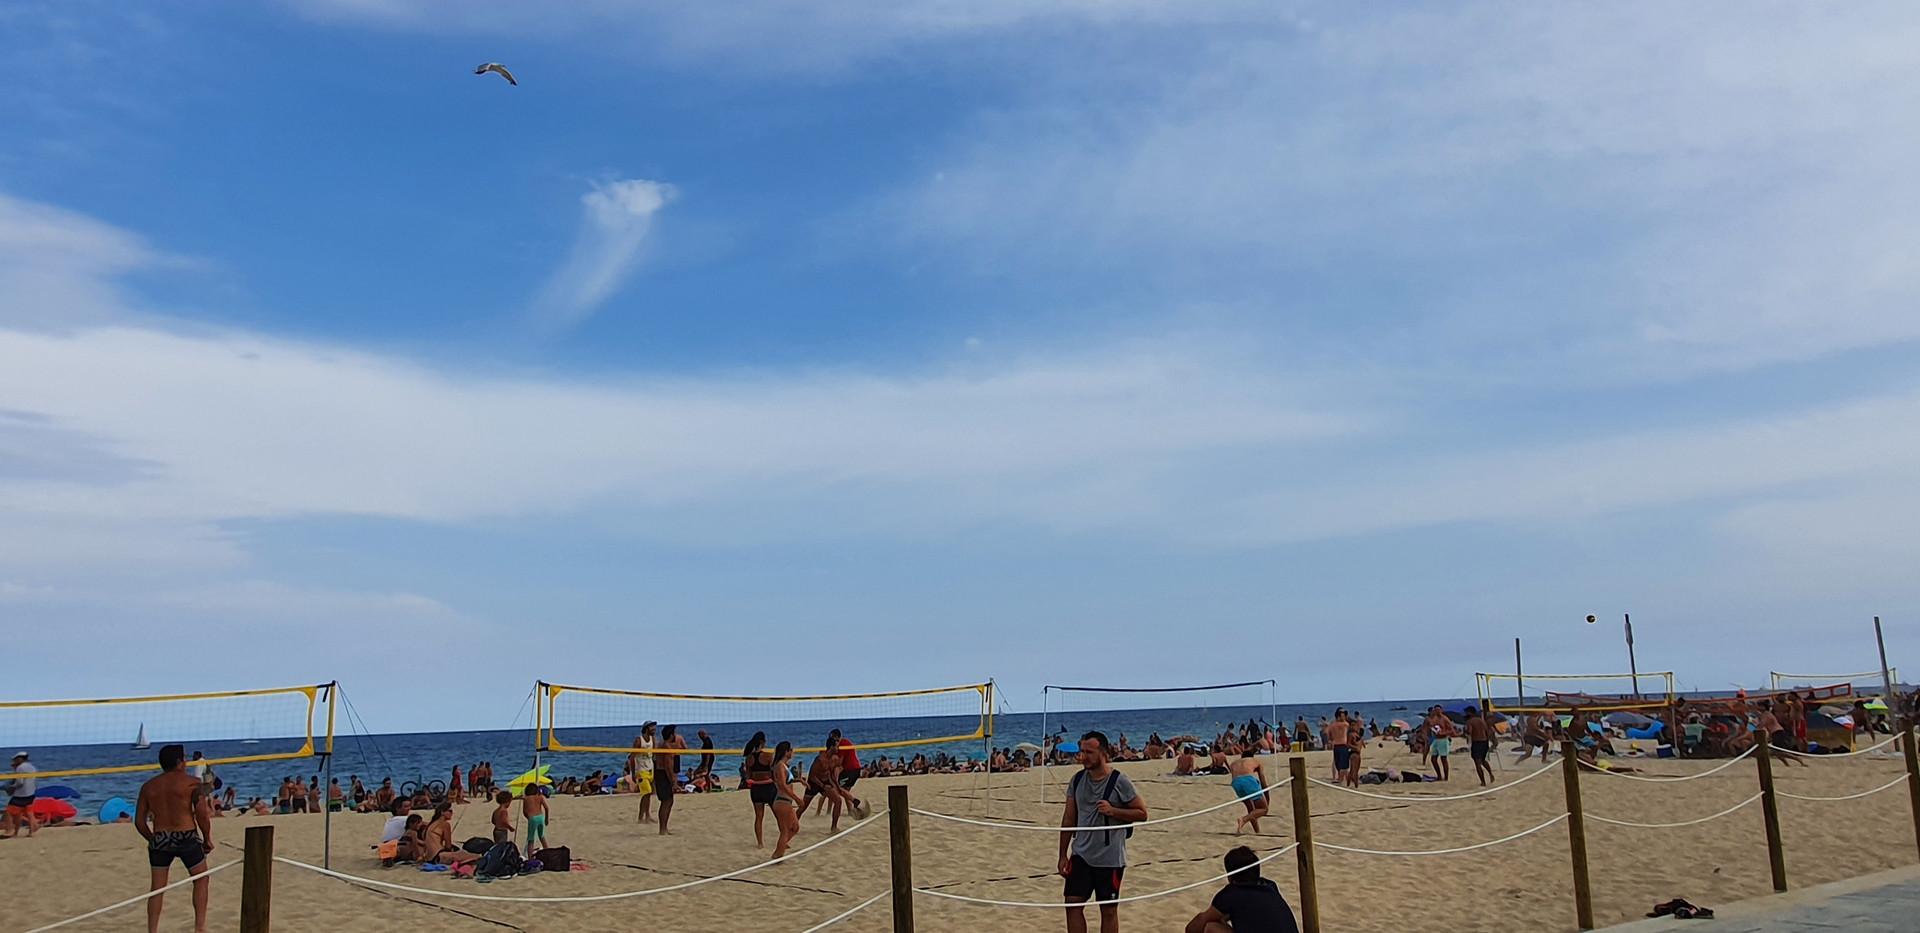 Gay friendly beach!